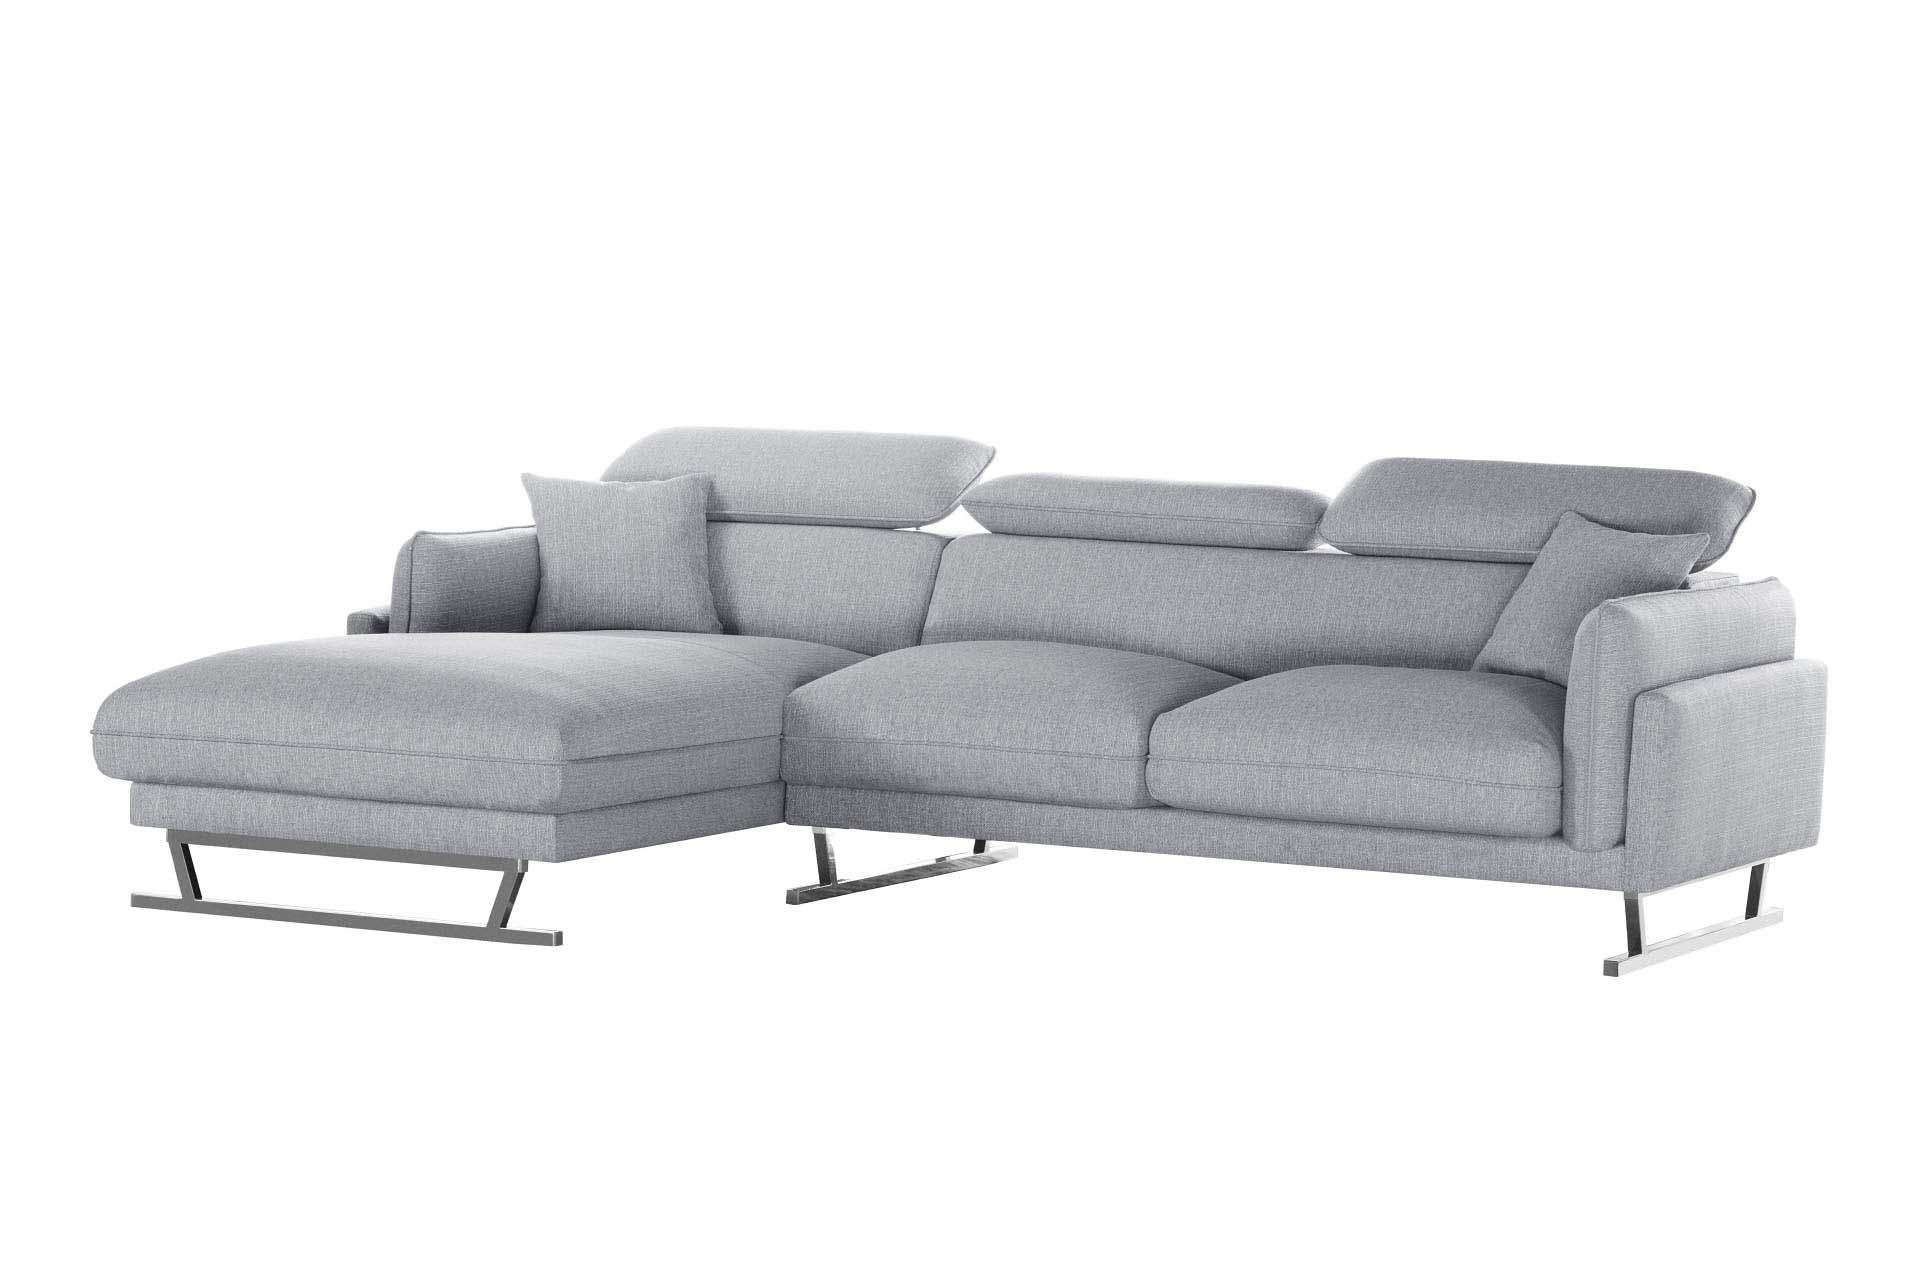 Canapé d'angle 5 places Gris Tissu Design Confort